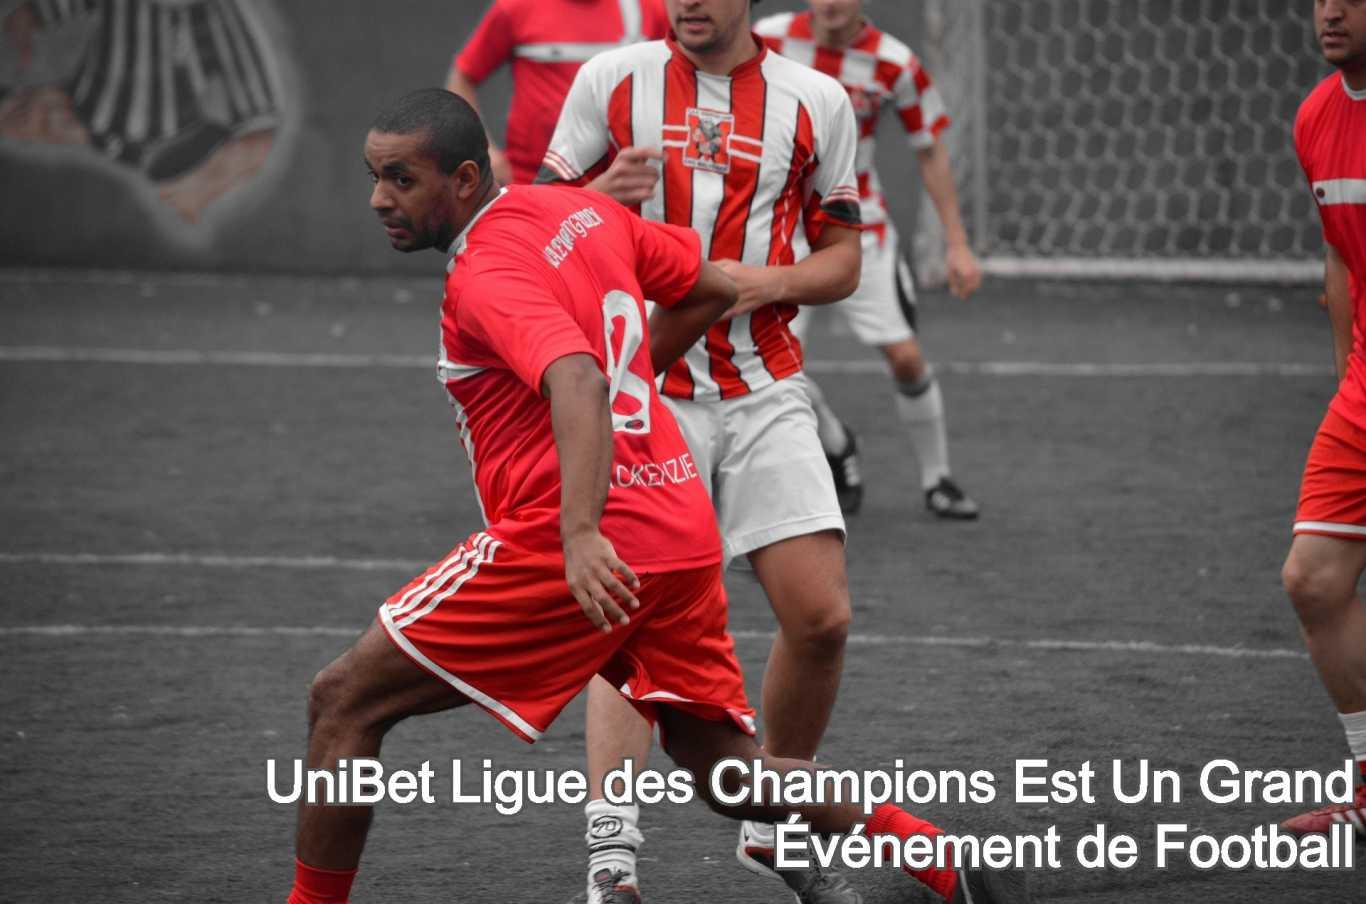 UniBet Ligue des Champions Est Un Grand Événement de Football